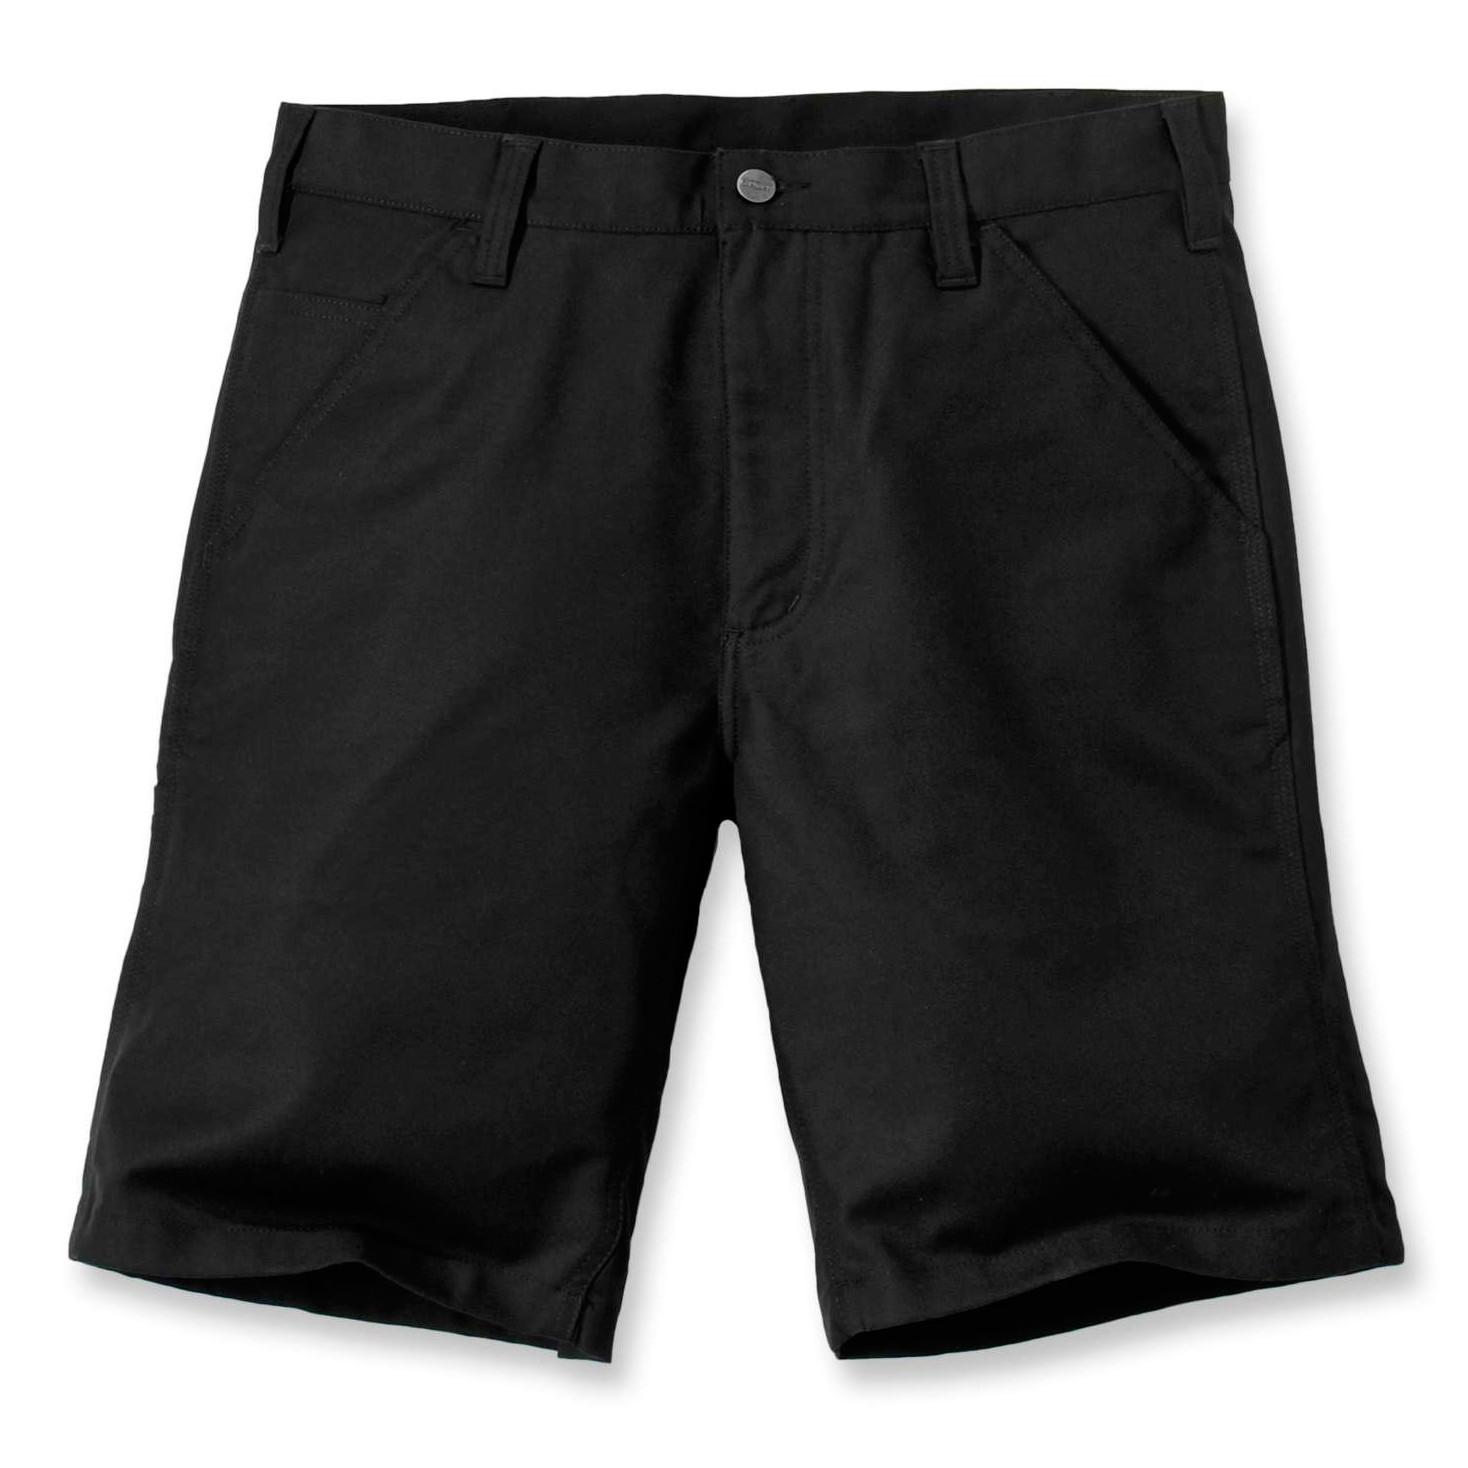 Шорты Carhartt Rugged Stretch Canvas Short - 103111 (Black, W32)